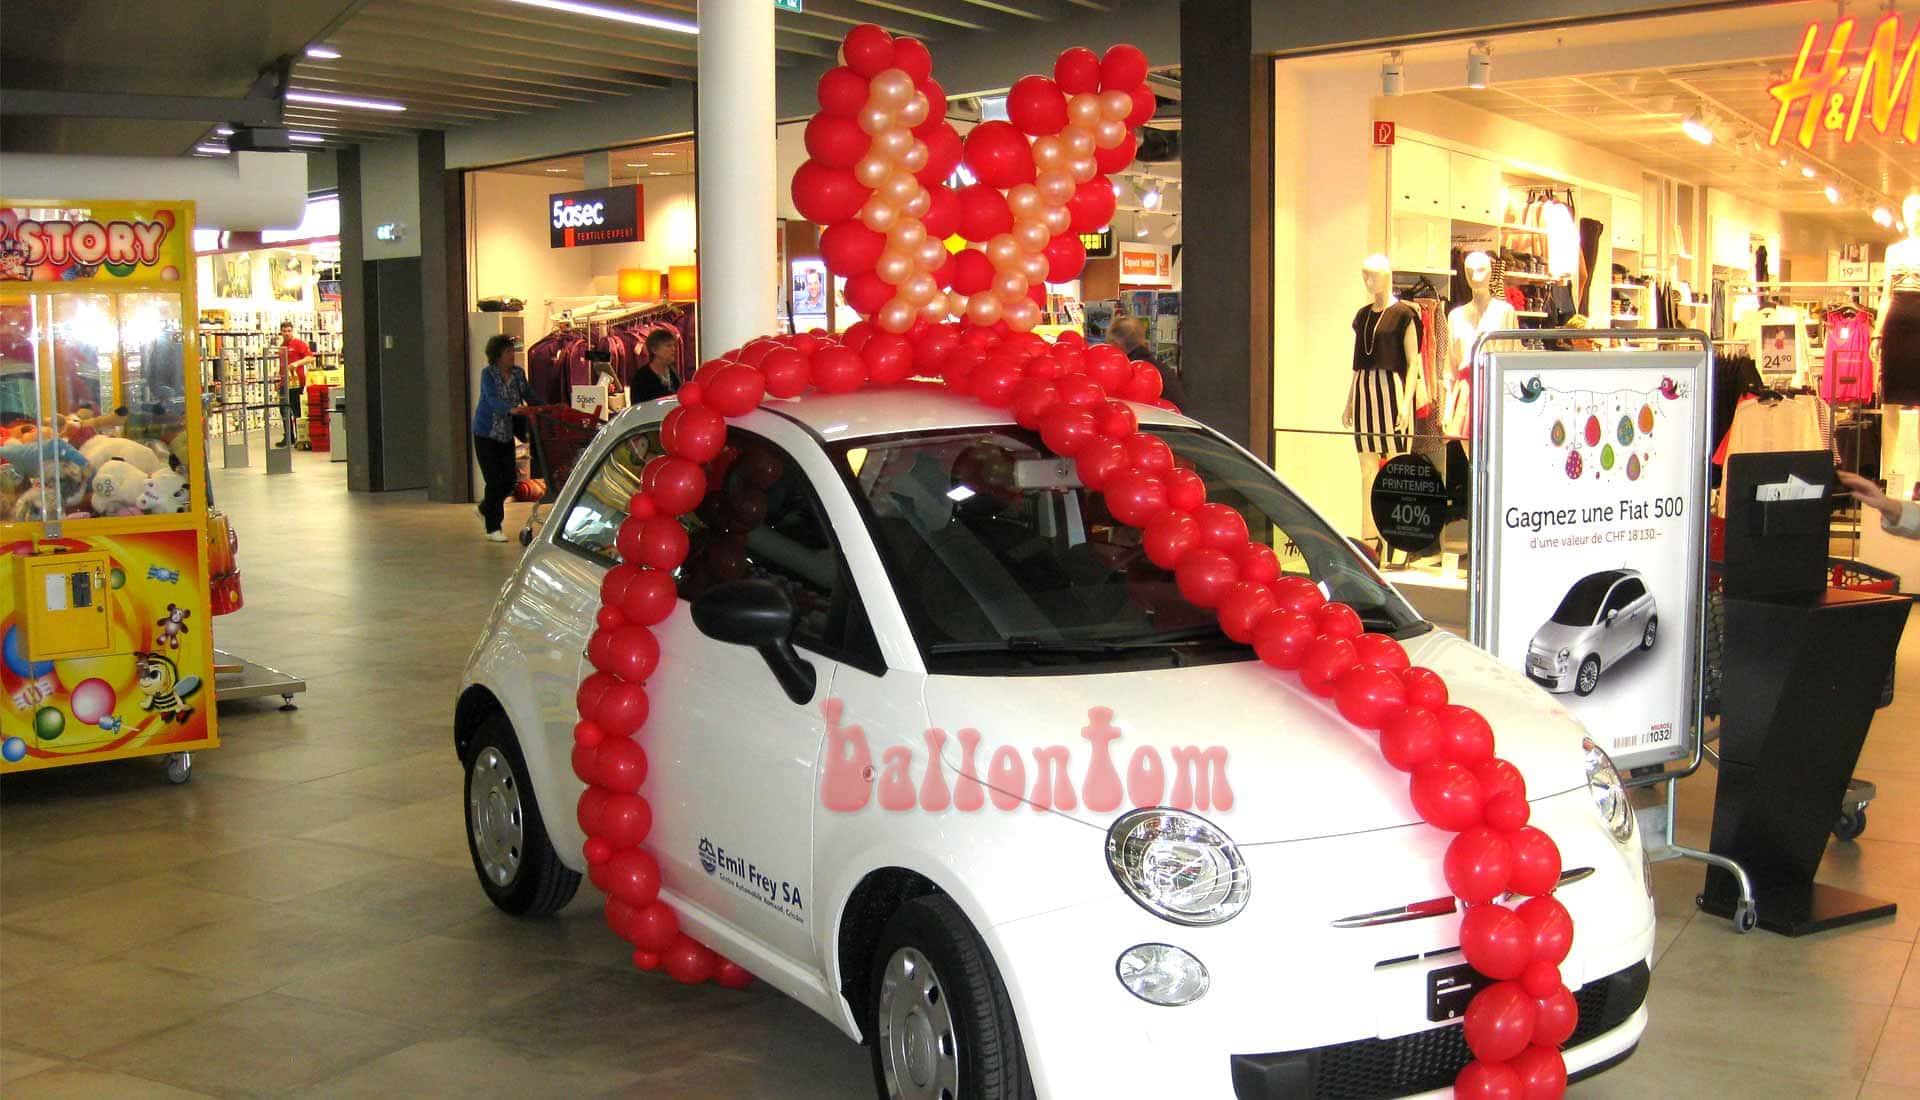 Ballonwelt Lausanne - Schweiz - Autoverlosung - Projekt: Canniballoon Team Didier Dvorak - Unterstützt durch ballontom